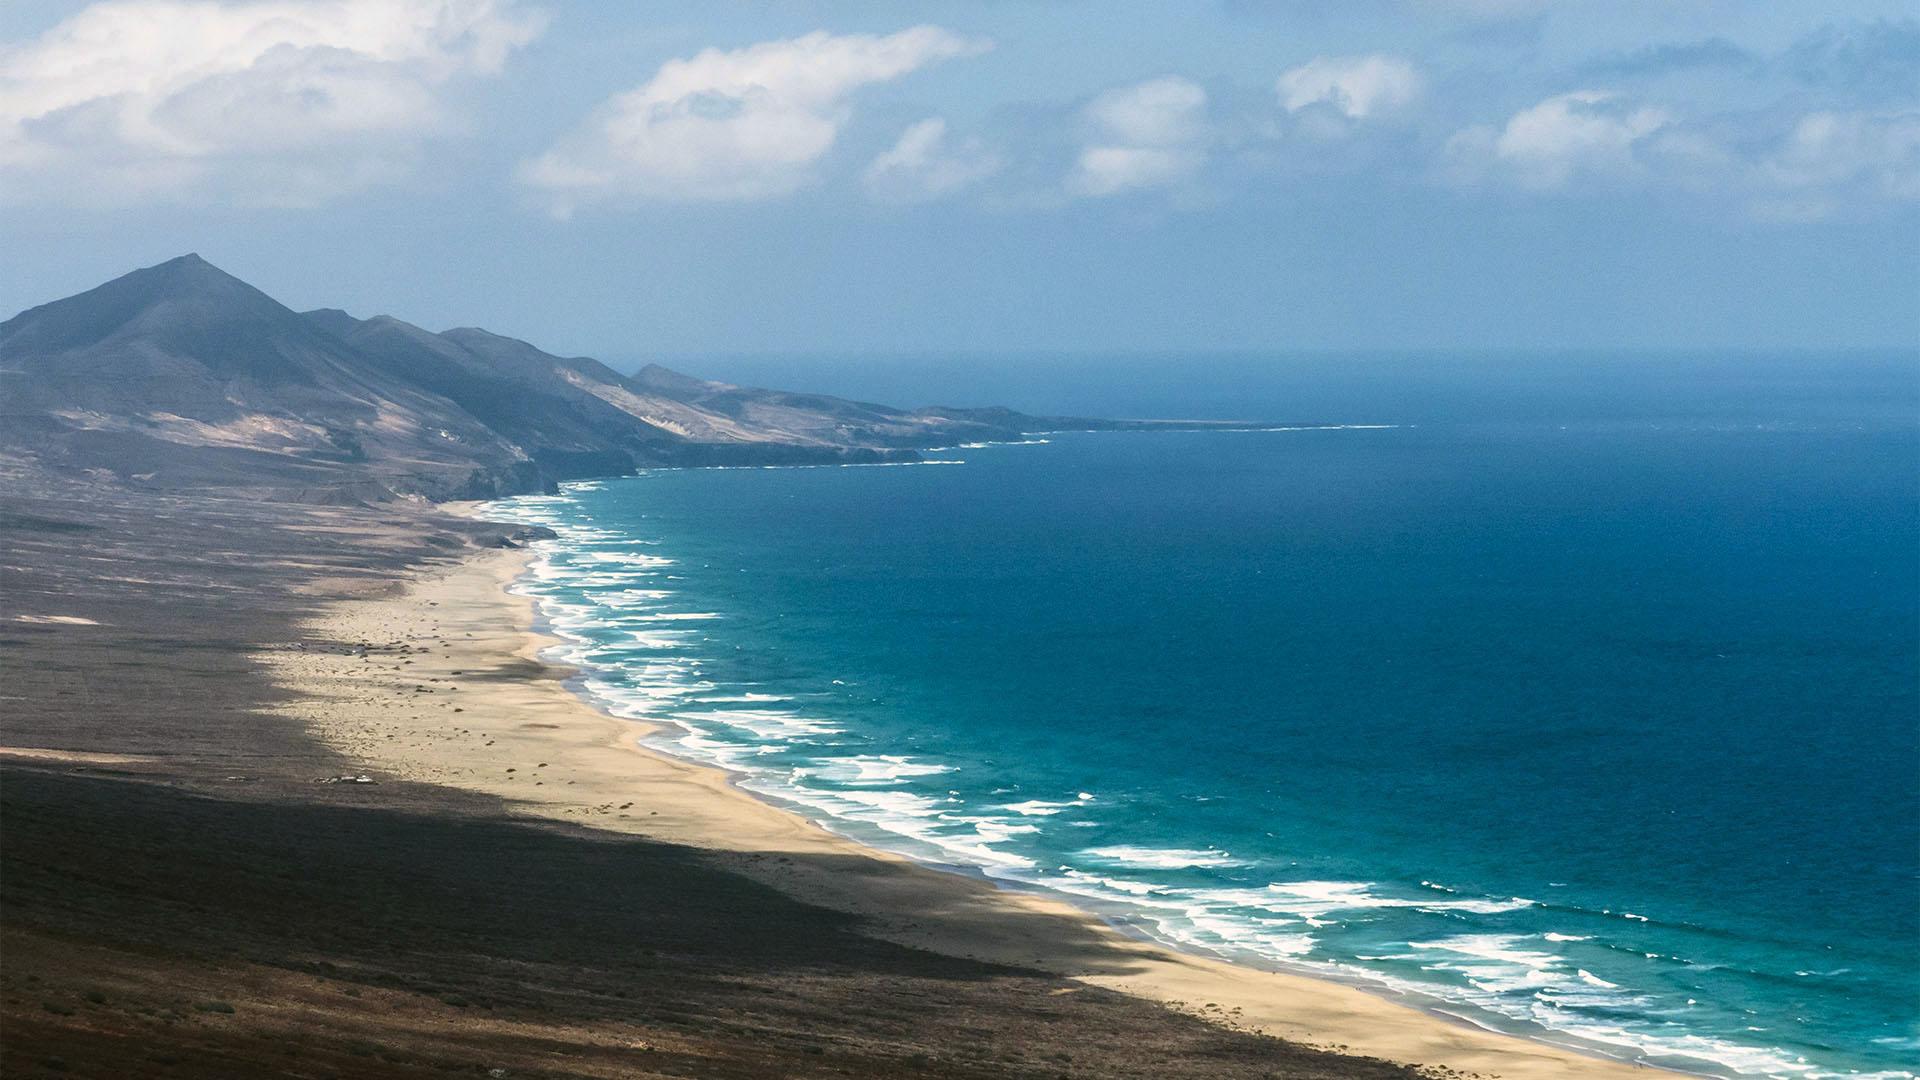 Mirador de Los Canarios Jandía Fuerteventura.